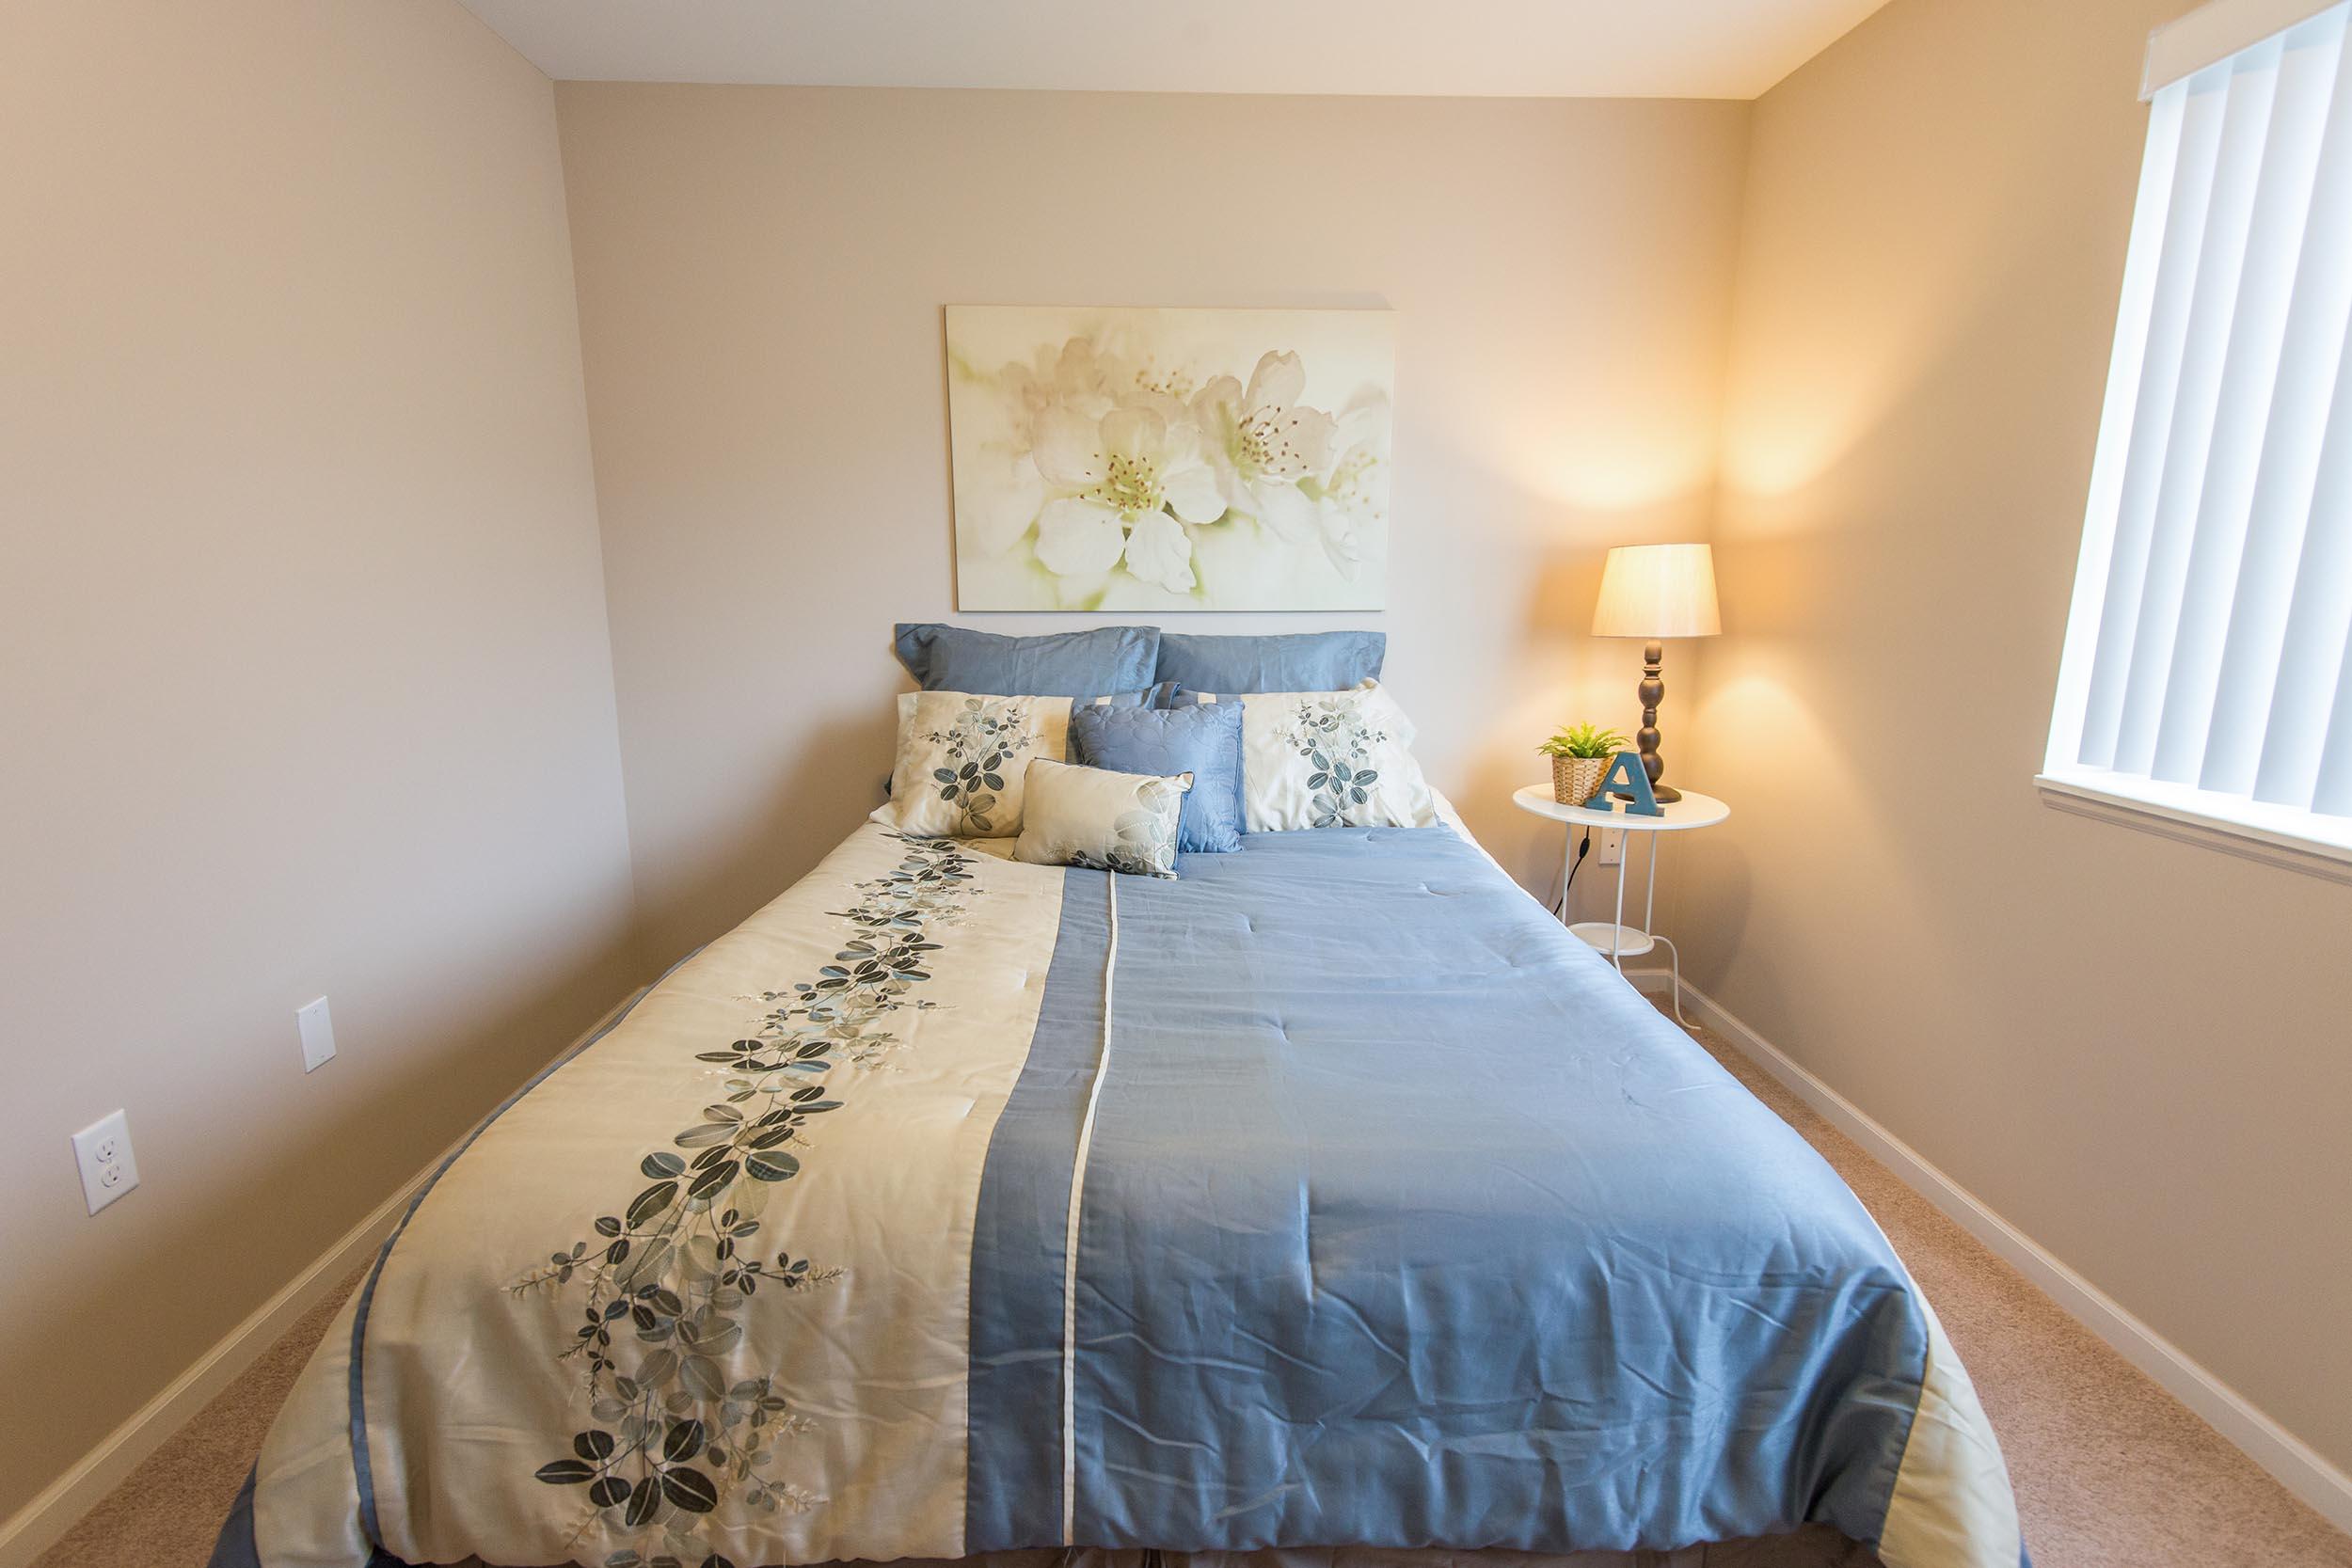 Ssv-201172-20bedroom-20lll-202